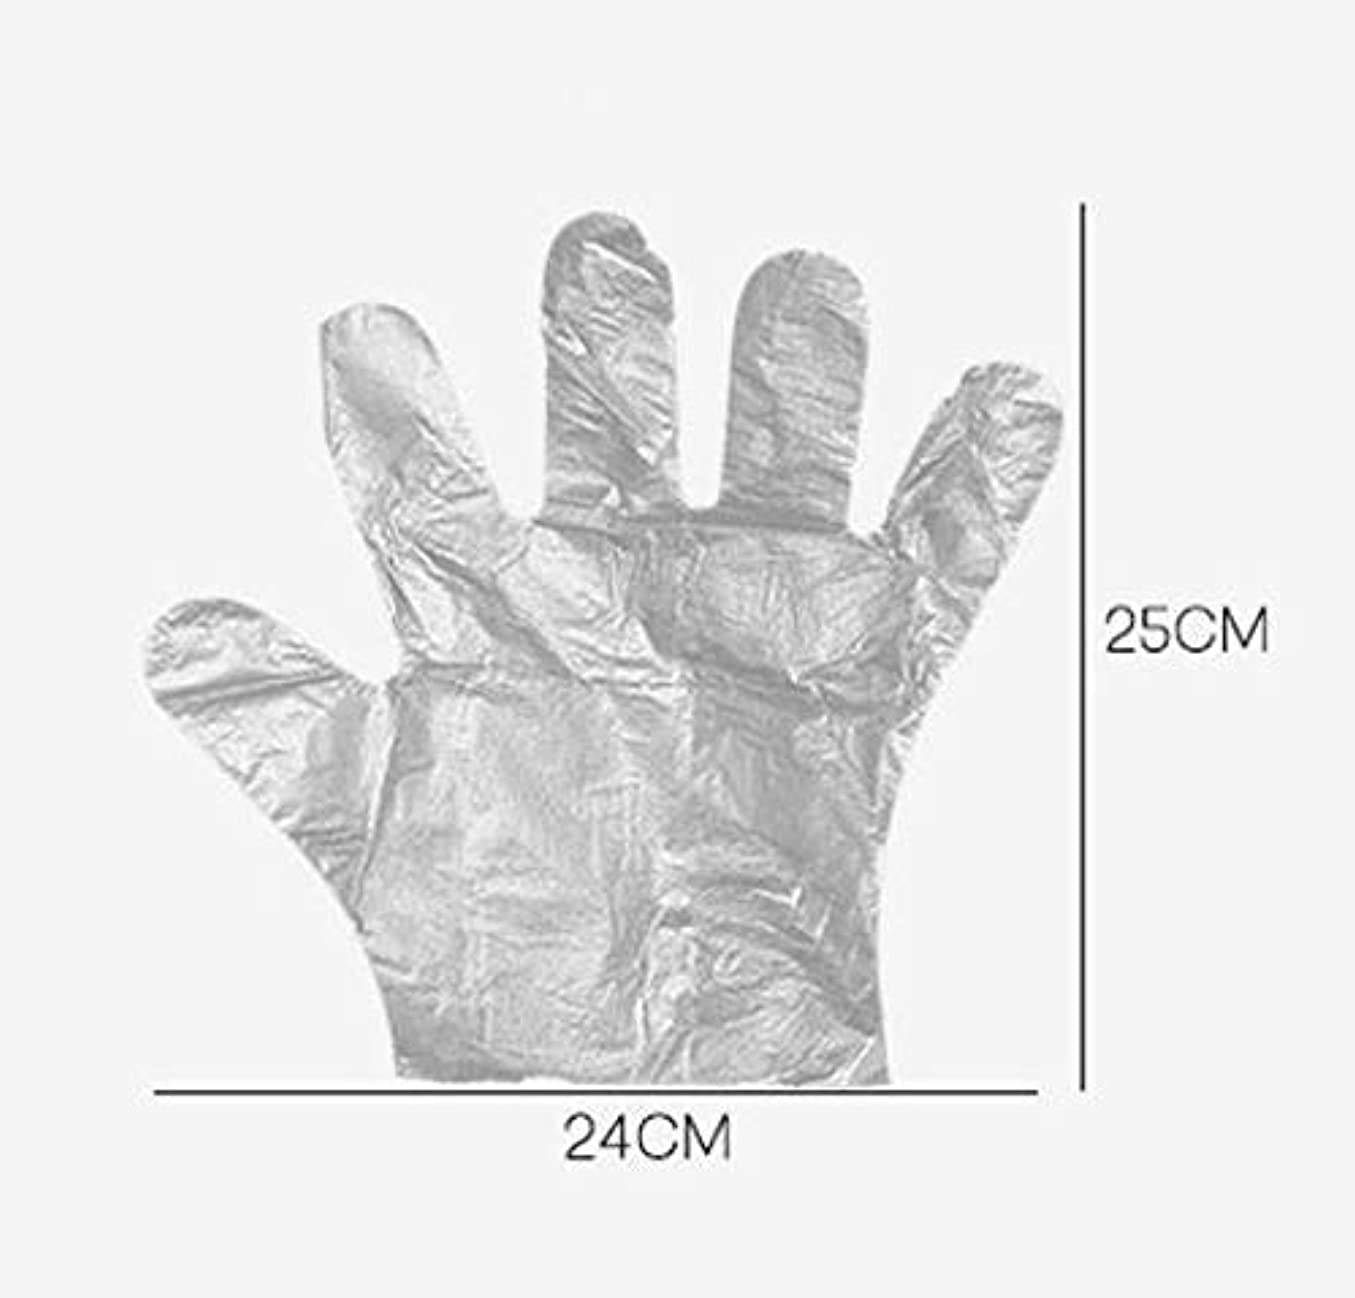 アソシエイト微視的防腐剤HJ 使い捨て手袋 ポリエチレン使い切り手袋 極薄い ポリ手袋 使い切り手袋 透明手袋 耐油 防水 介護 トイレ掃除 左右兼用 手荒れを防ぎ 素手 薄いタイプ (200ペアセット)